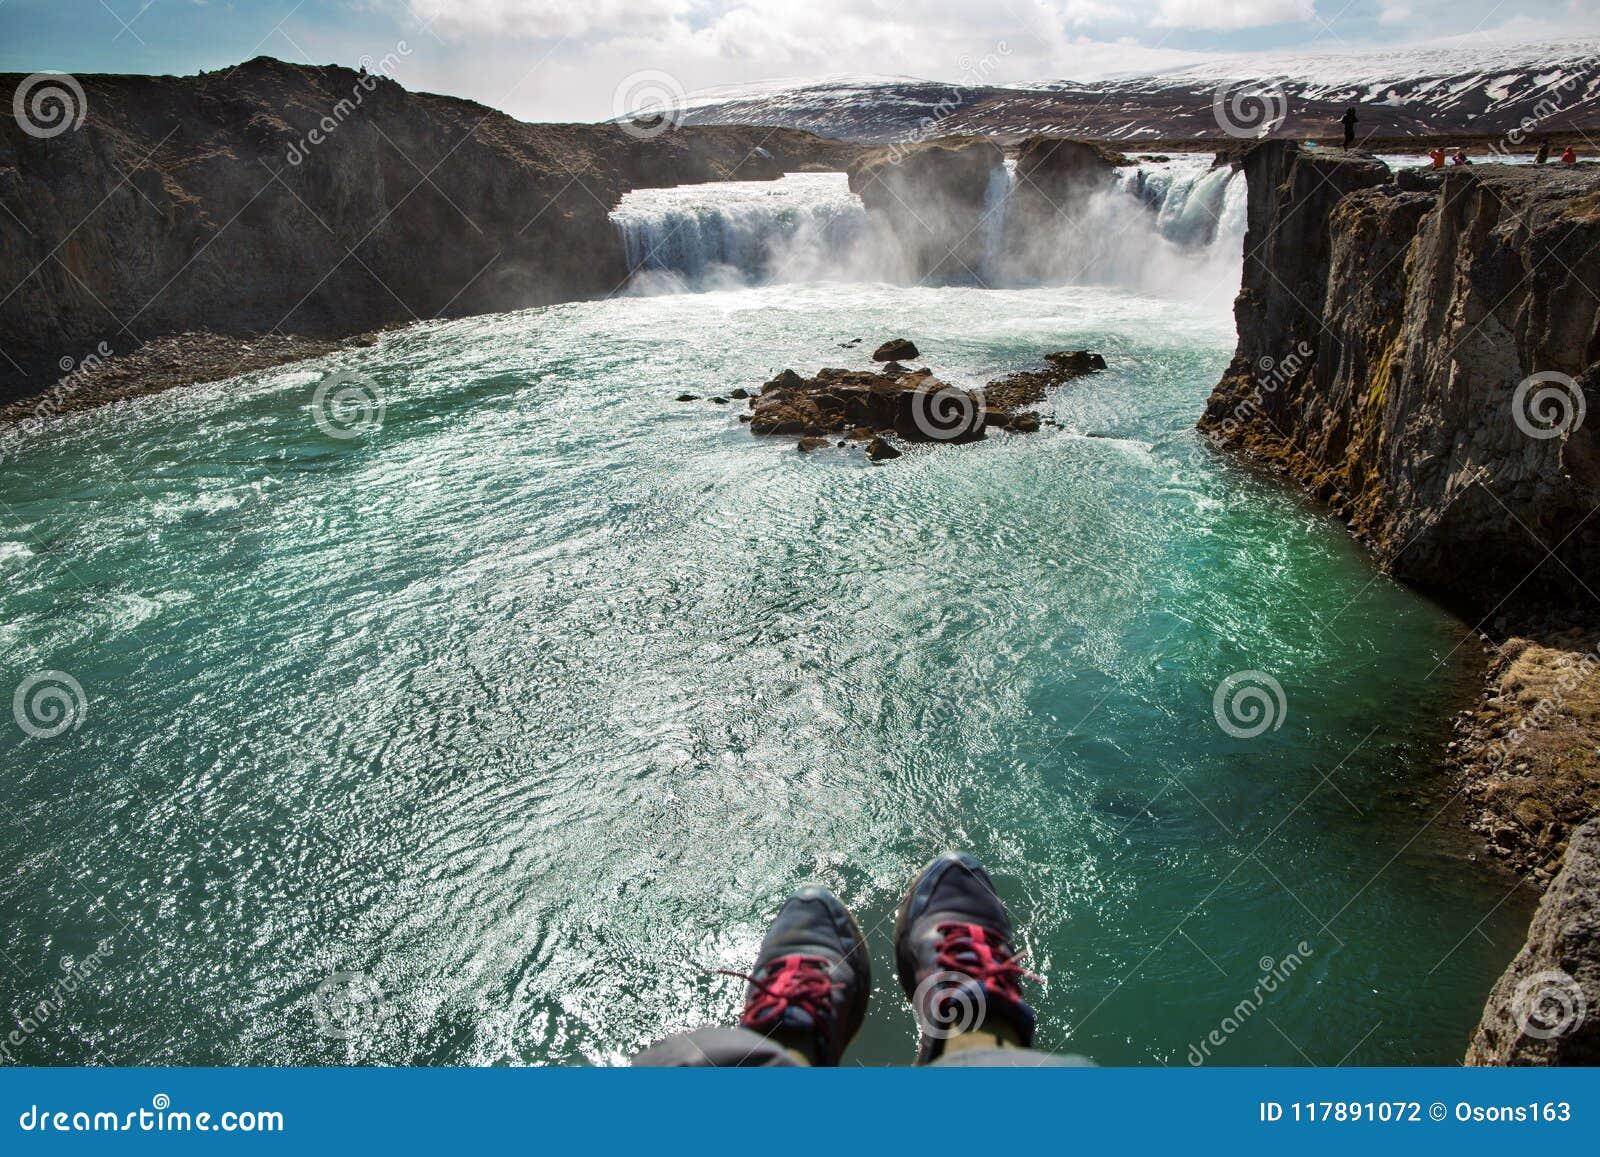 De toerist zit op een klip dichtbij de rivier, die zijn benen hangen neer, v